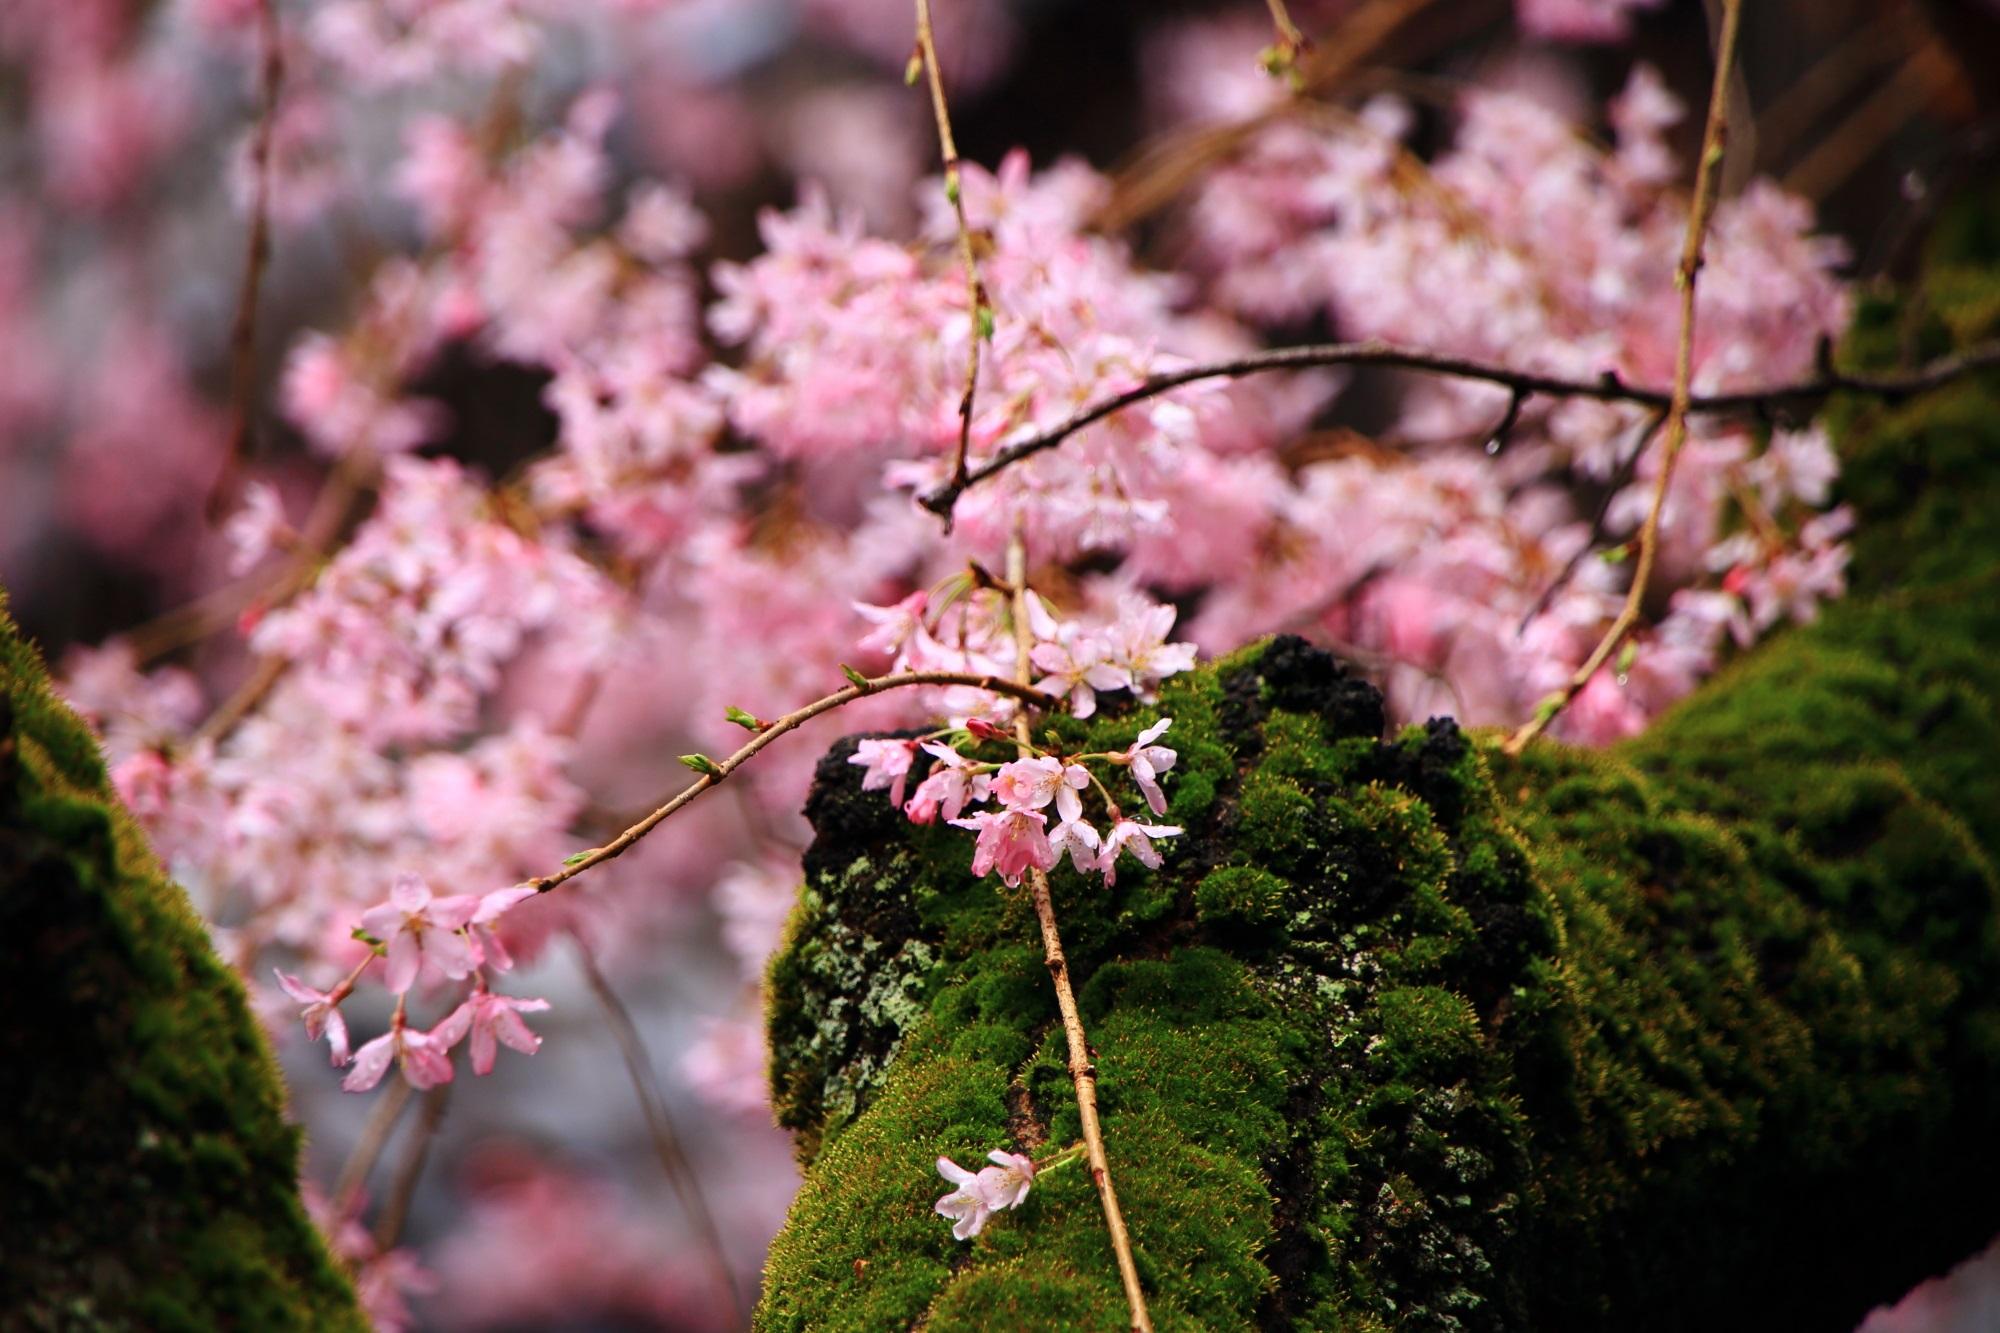 木に生えた緑の苔の上で華やぐピンクの花